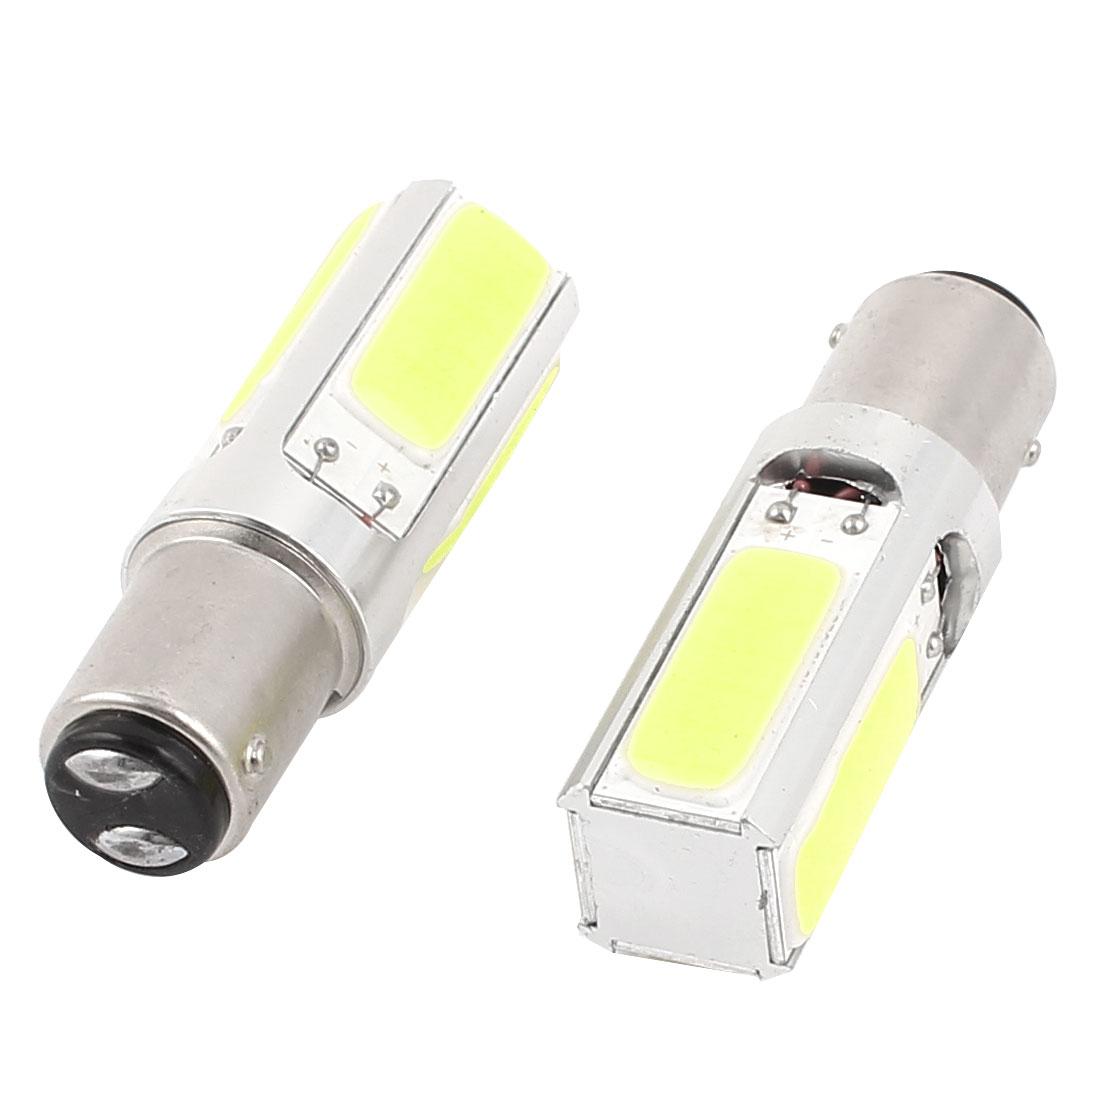 Car P21 1157 Socket 4 COB White Projector Lens Turn Tail Light Lamp Bulb 2 Pcs